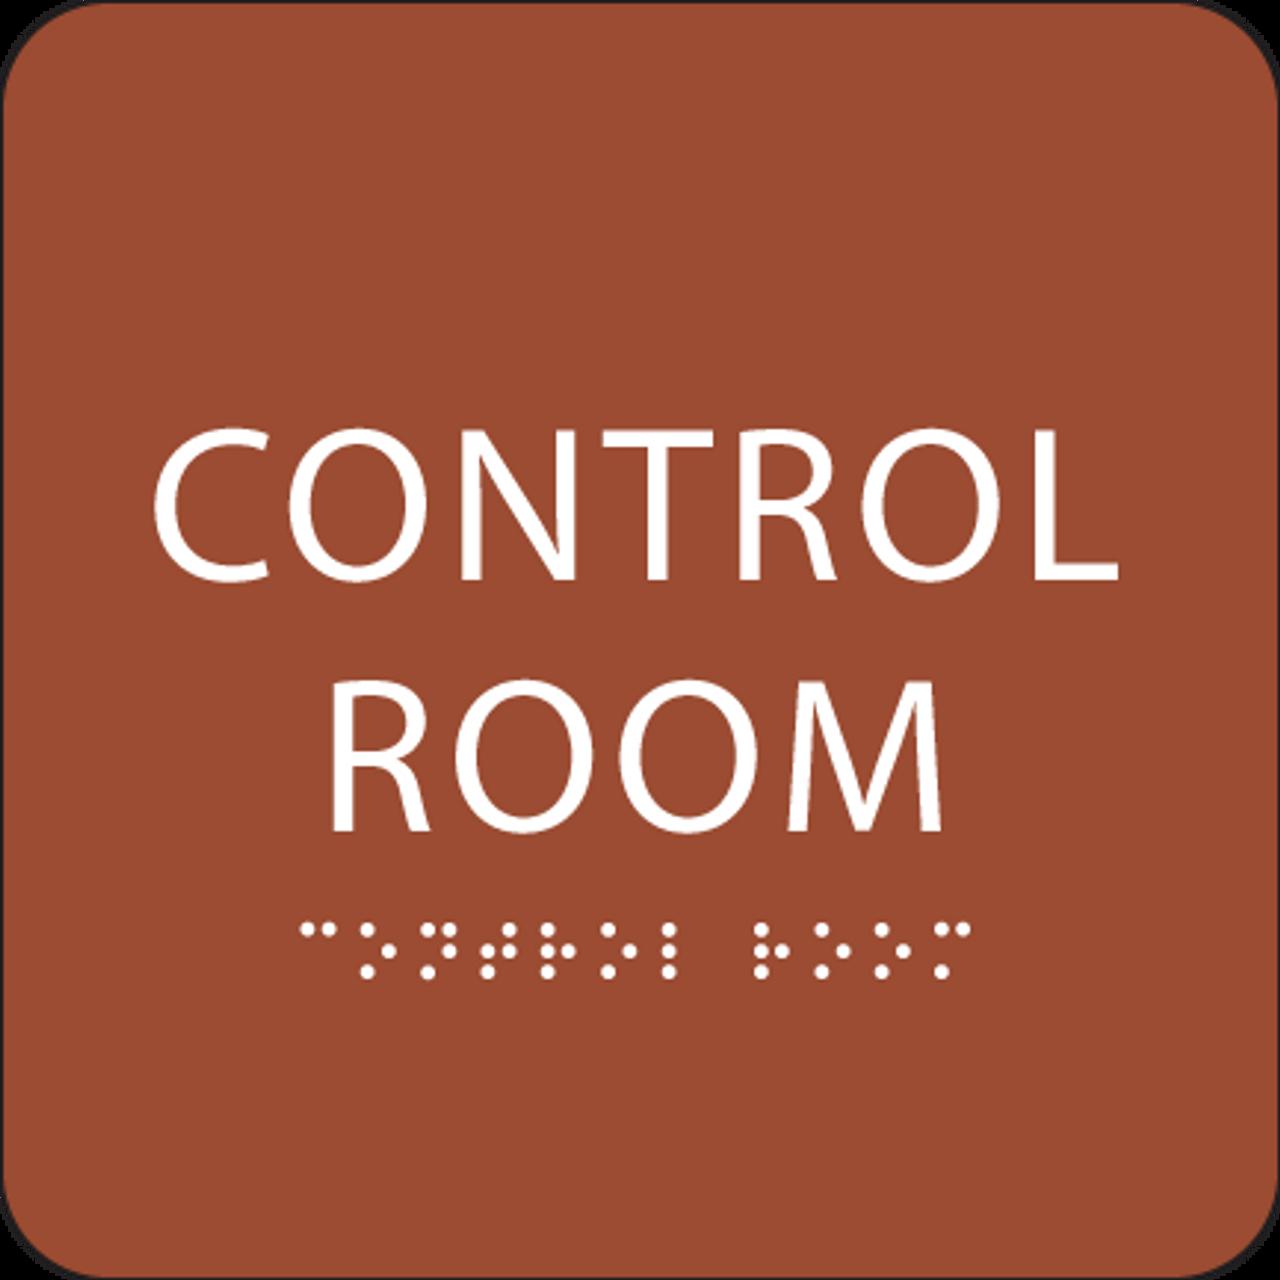 """Control Room ADA Sign - 6"""" x 6"""""""